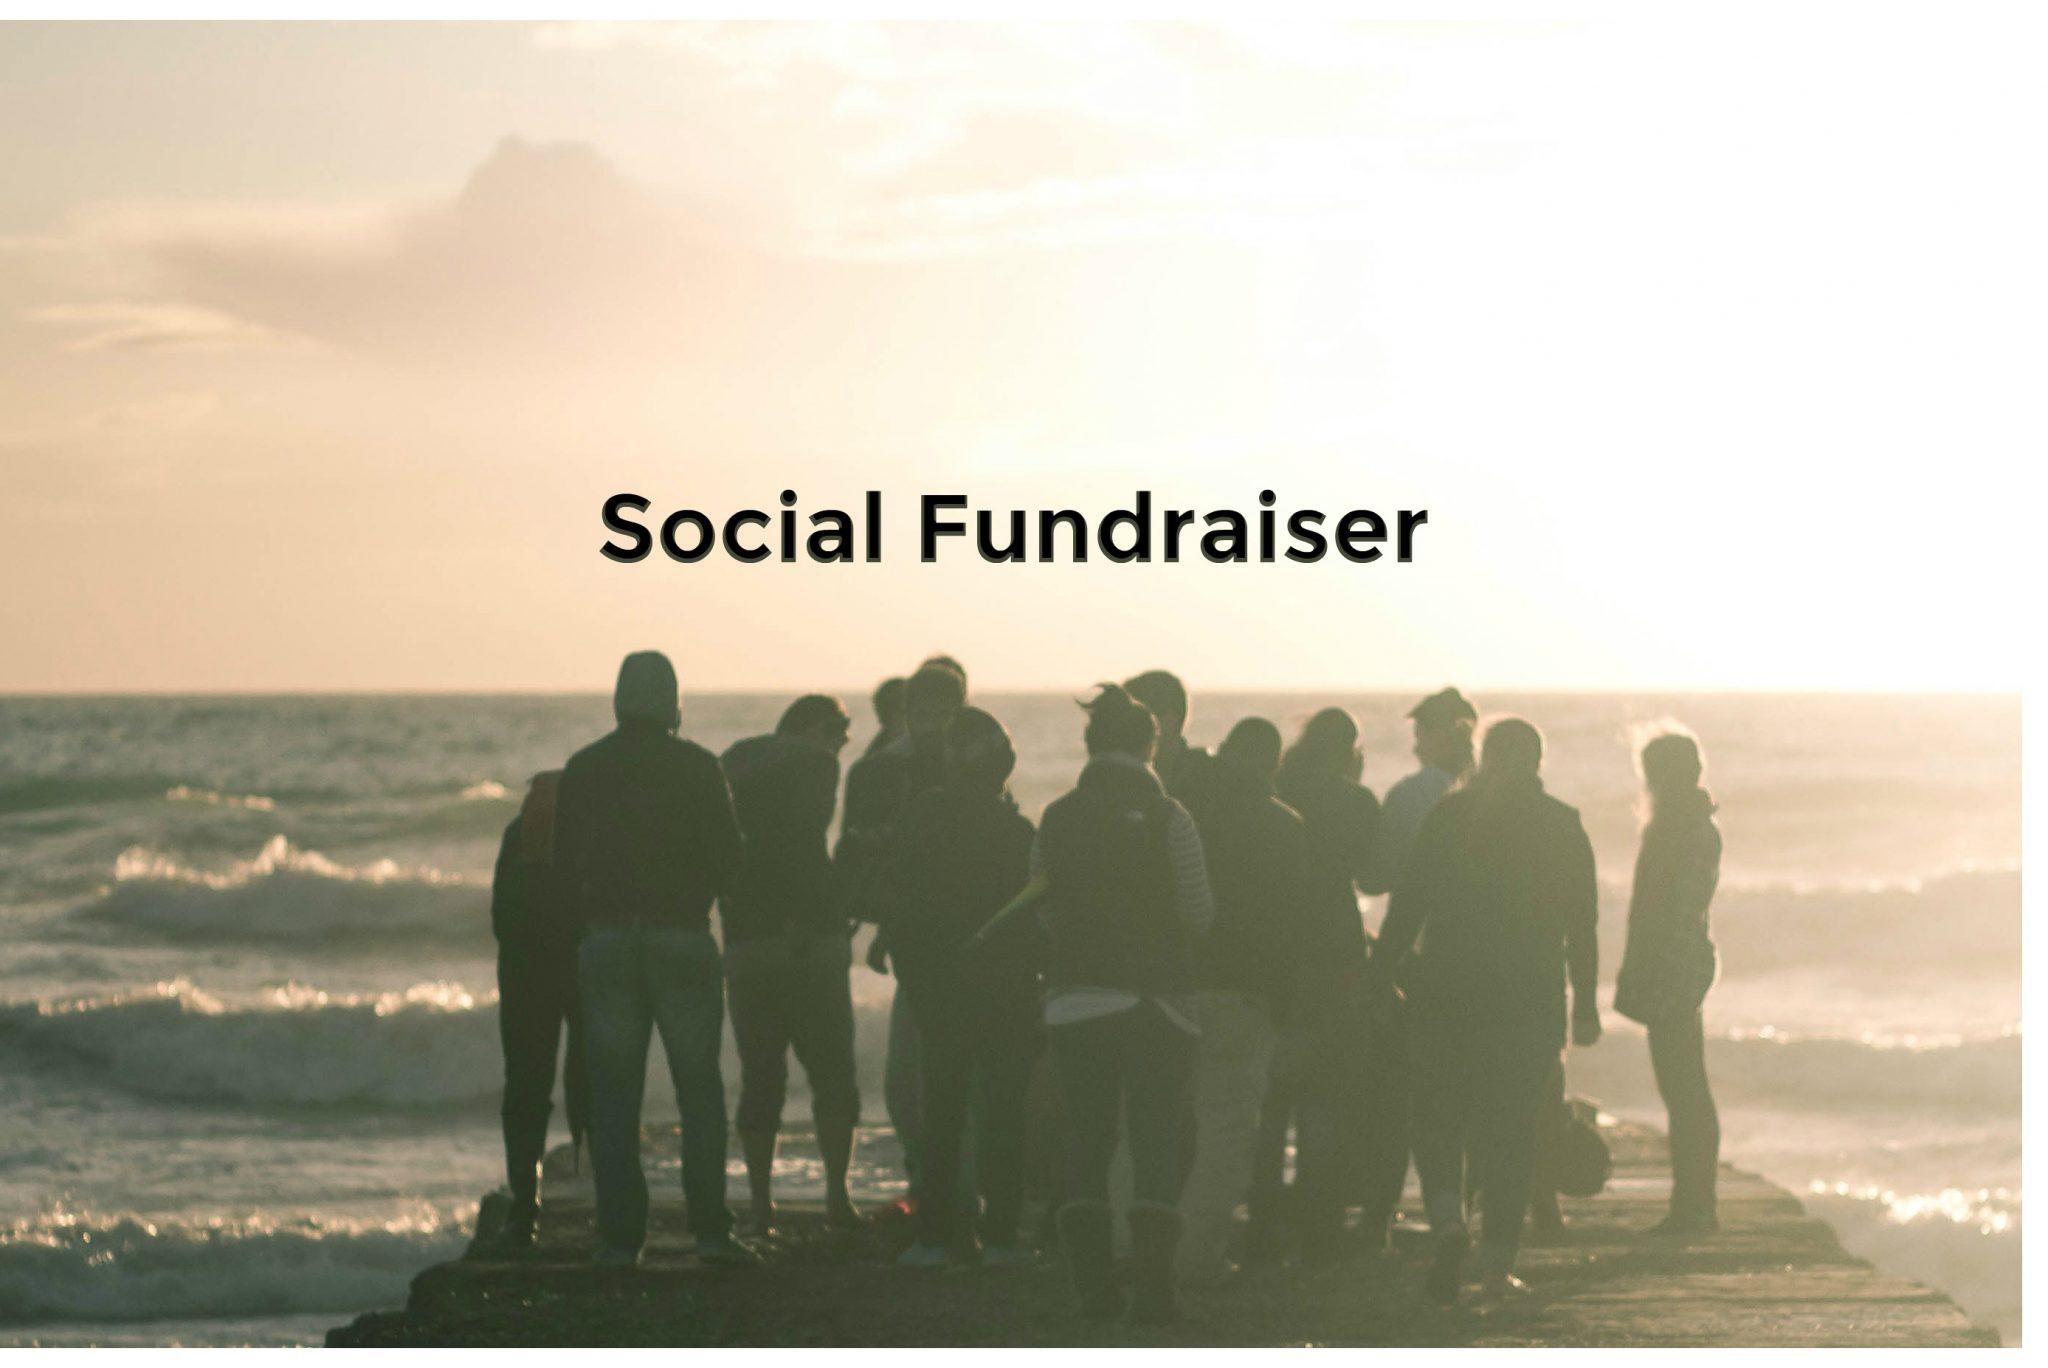 Social Fundraiser